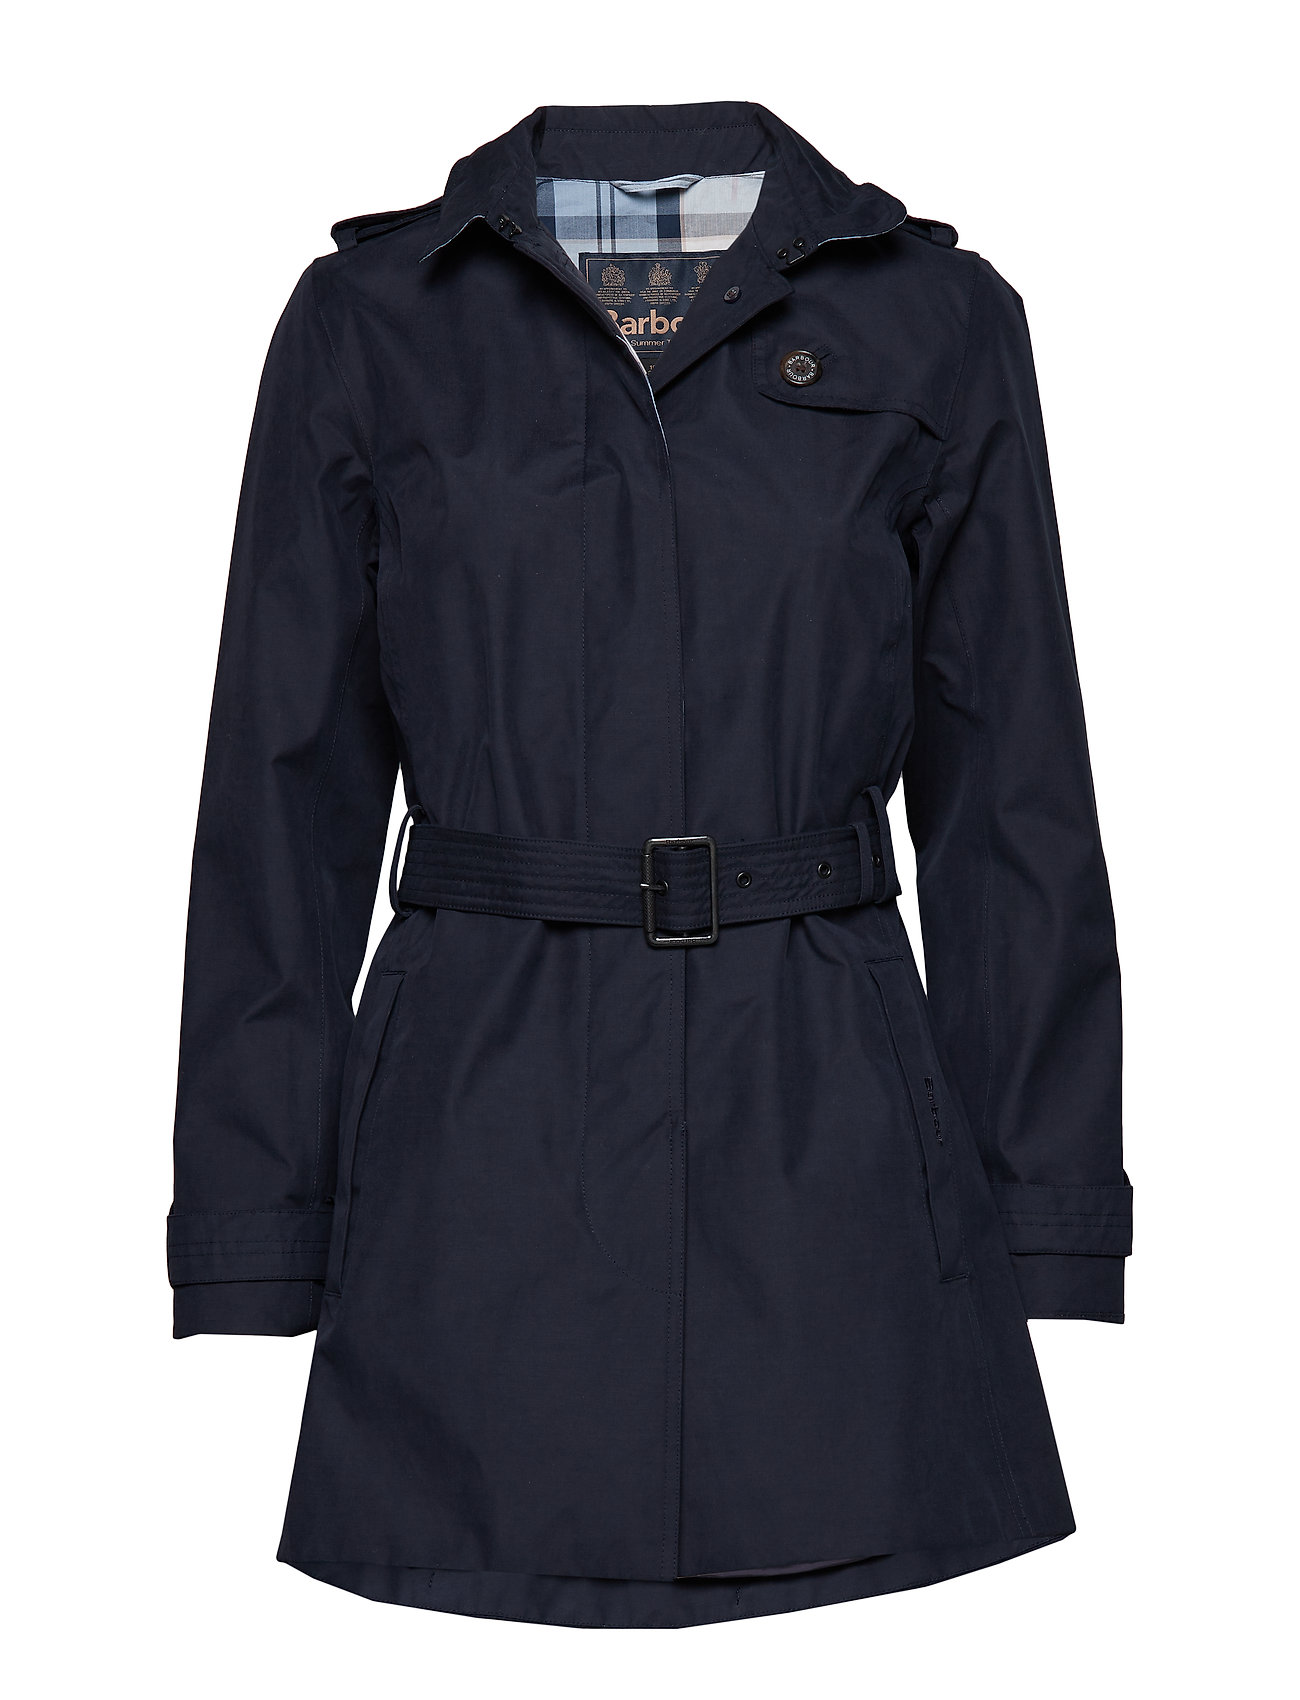 Barbour Barbour Quarry Jacket